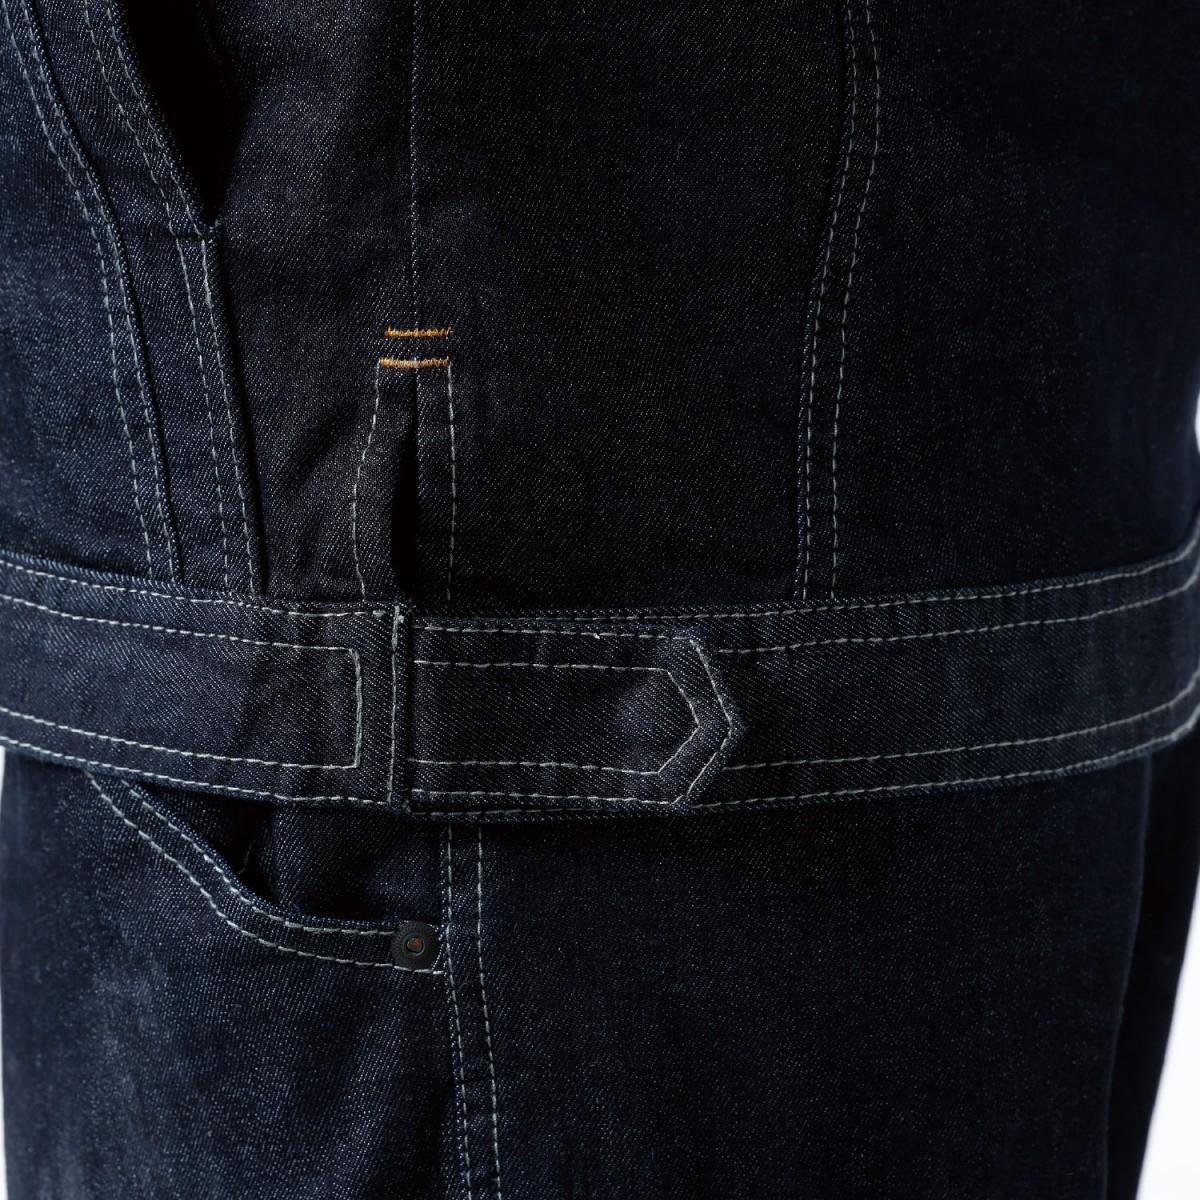 TS DESIGN 5116 ジャケット ¥4,950(税込)ウエストアジャスターで、ジャケットの裾が調節可能です。